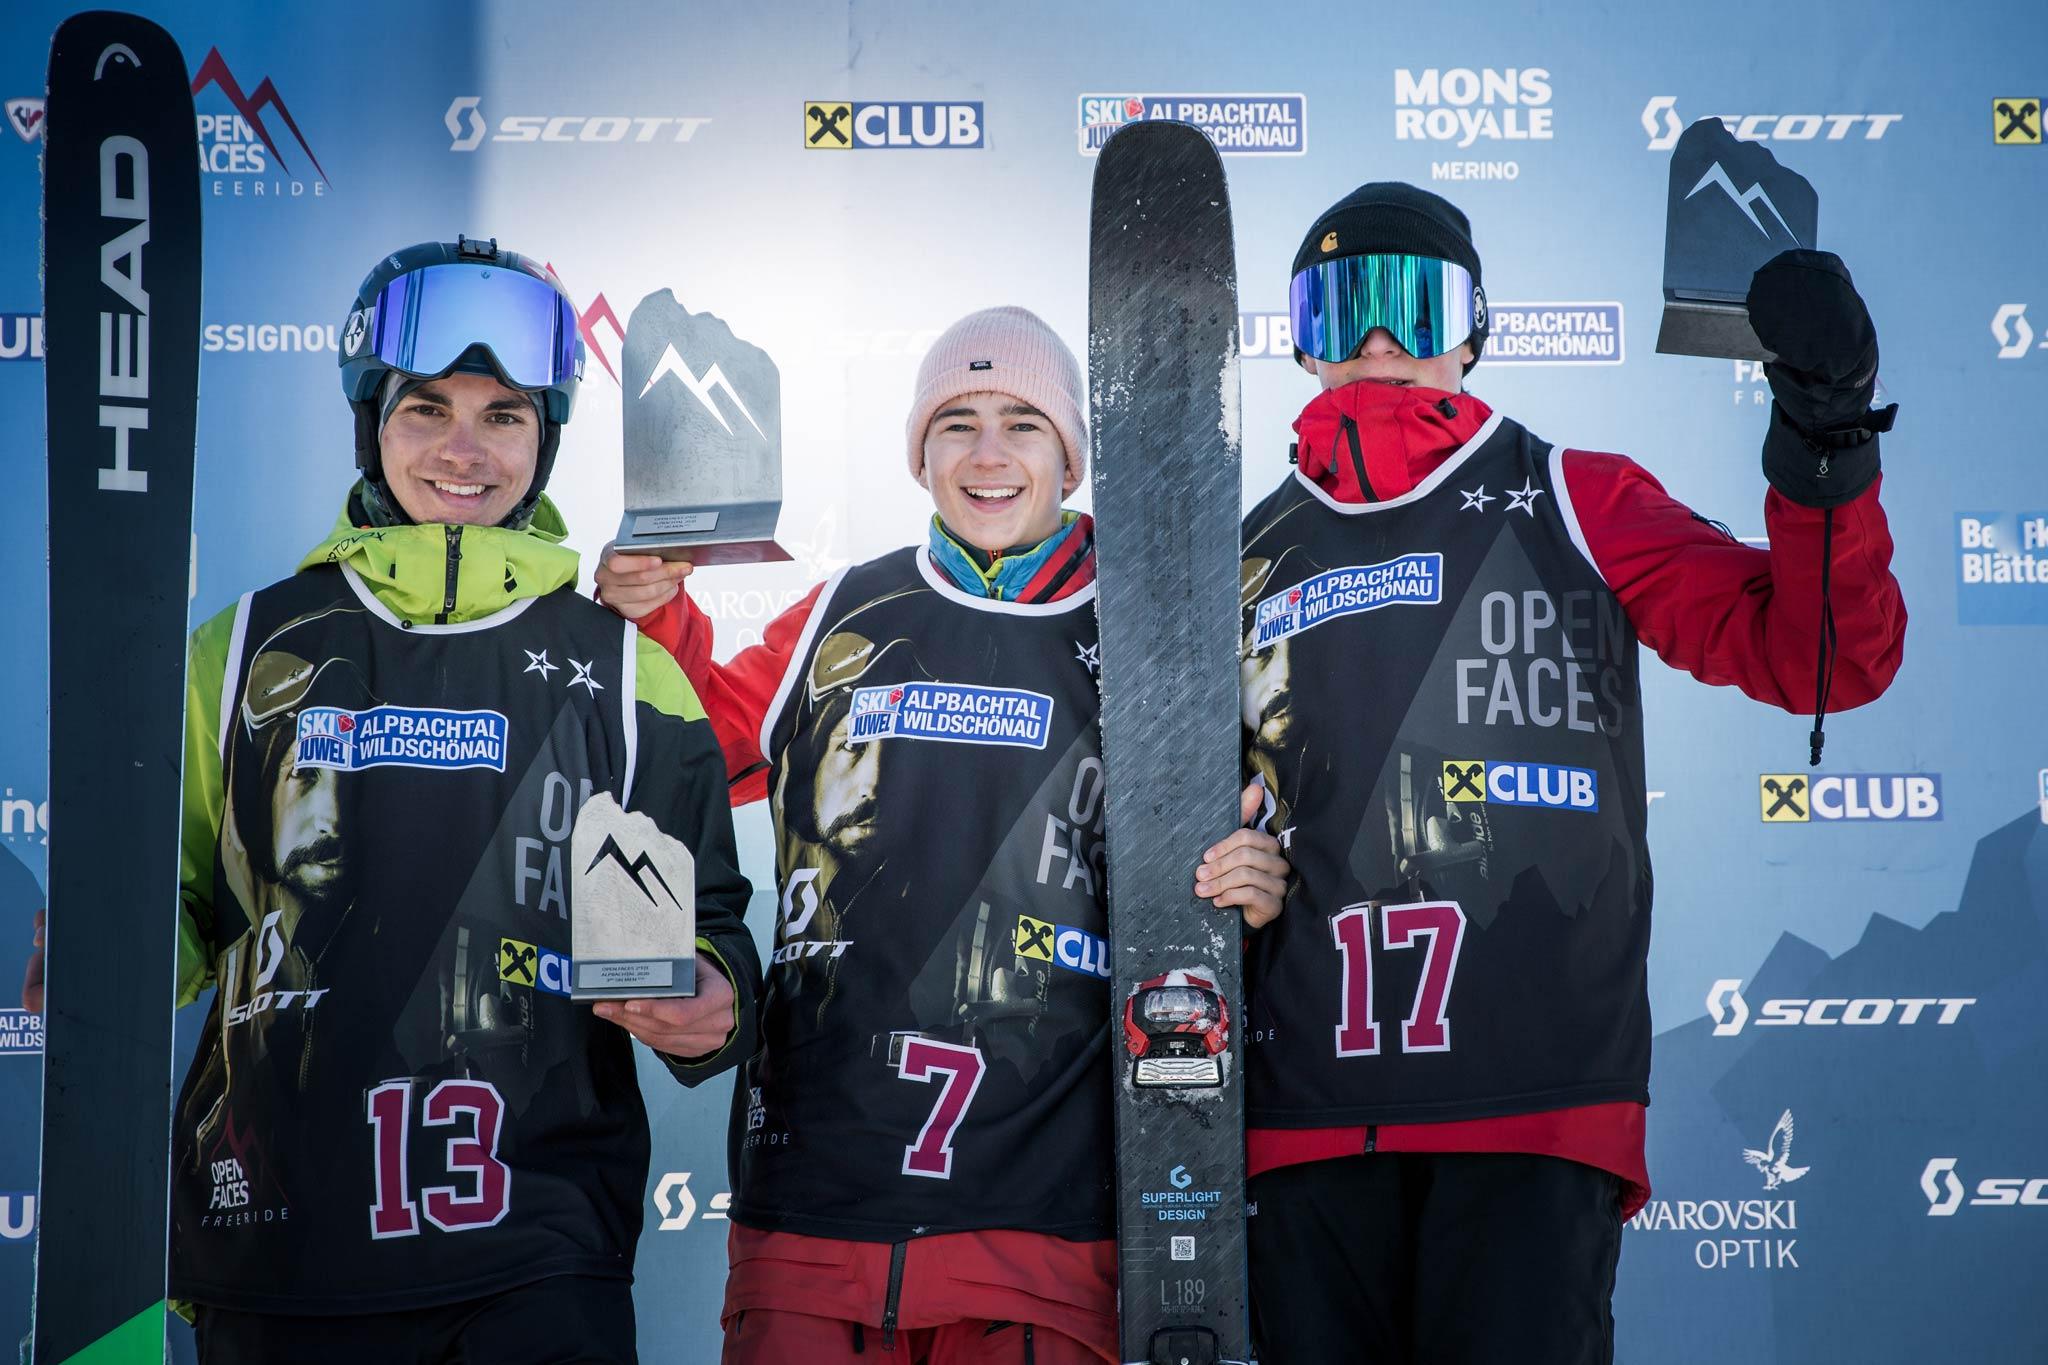 Die drei besten in der Kategorie U16 Ski Herren: Paul Rainer- Rist (AUT), Florian Michelini (AUT), Silvio Klimmer (AUT) - Foto: Mia Knoll